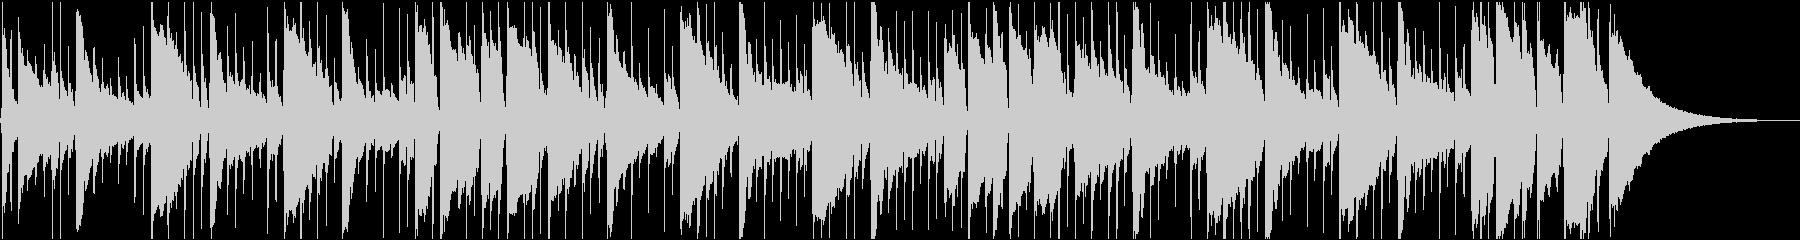 アコギの生演奏によるBGMの未再生の波形